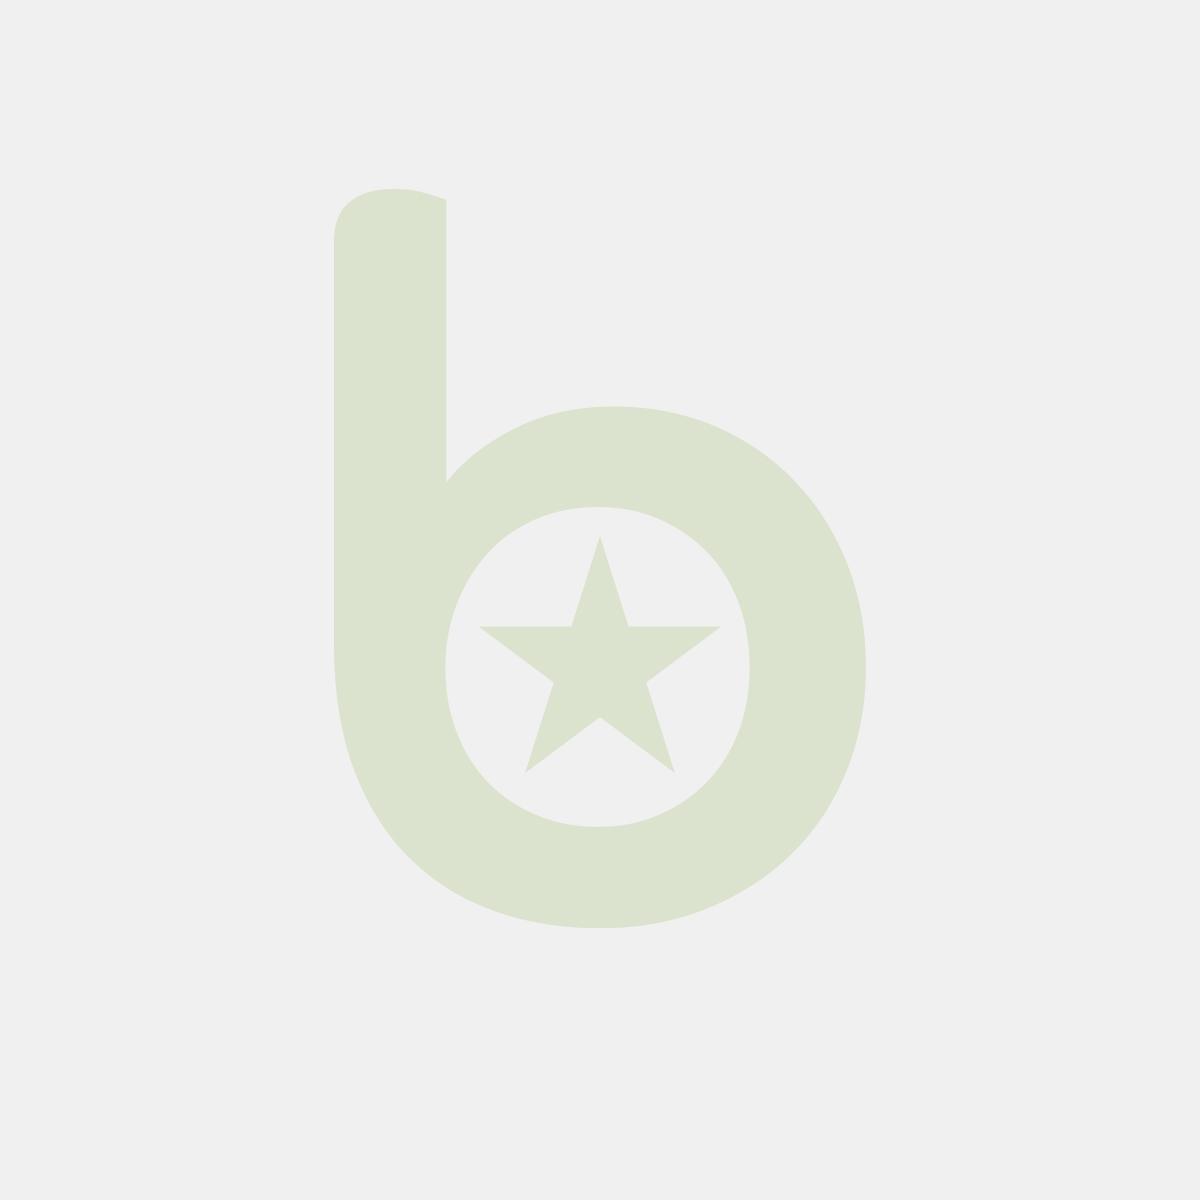 Haki wielokrotnego użytku COMMAND™ Designer (17082 PL), małe, 2 szt., białe